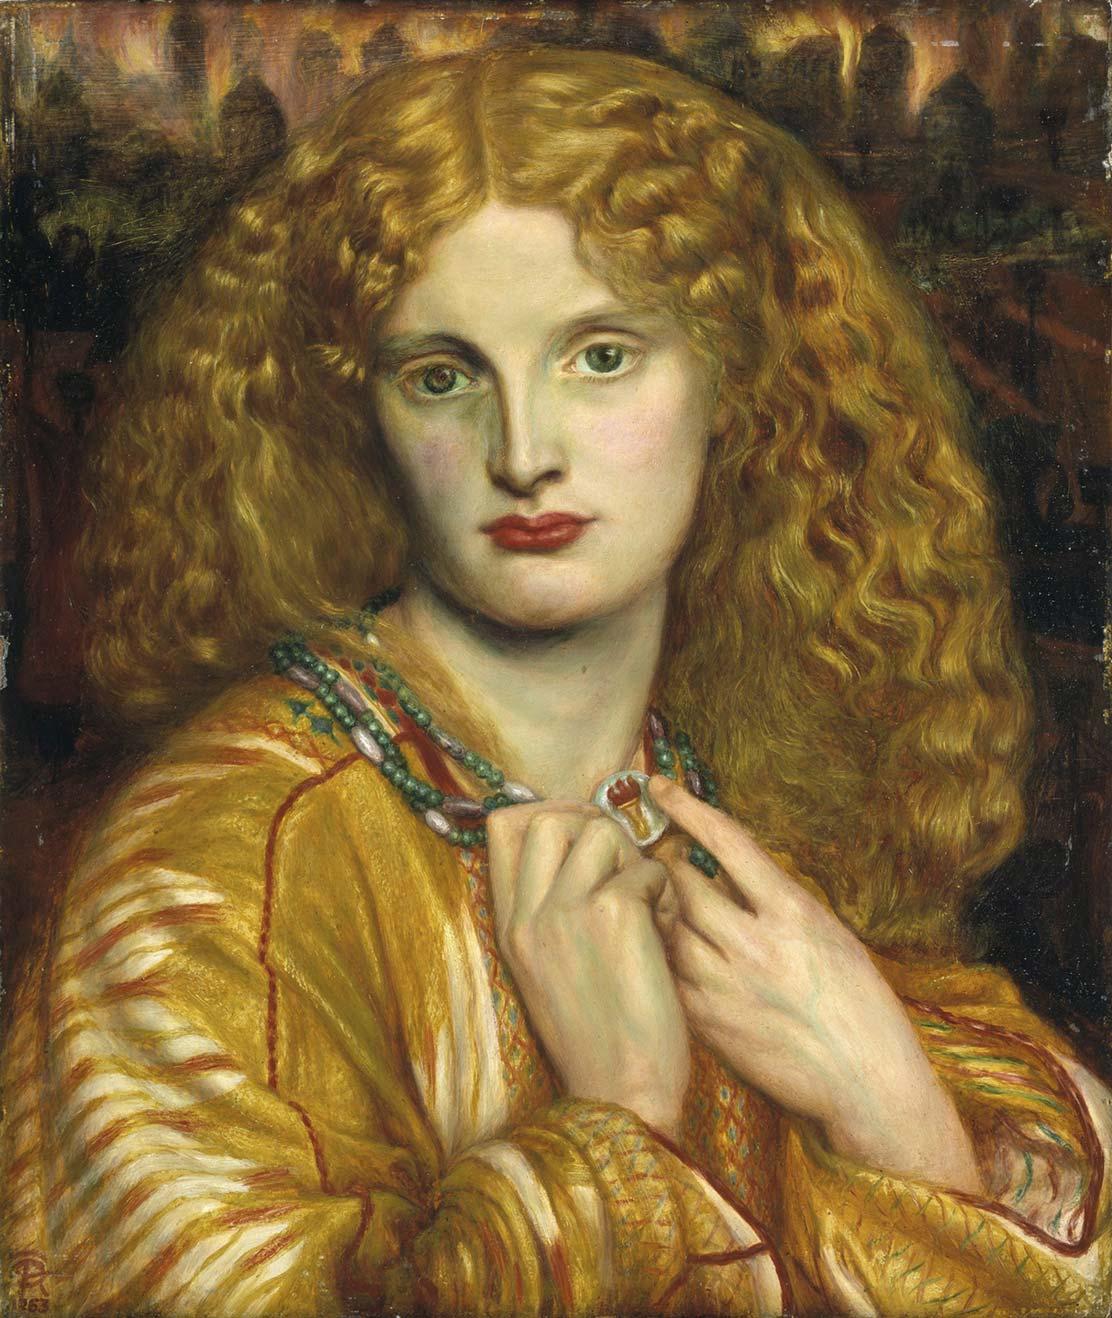 Helen of Troy, 1863